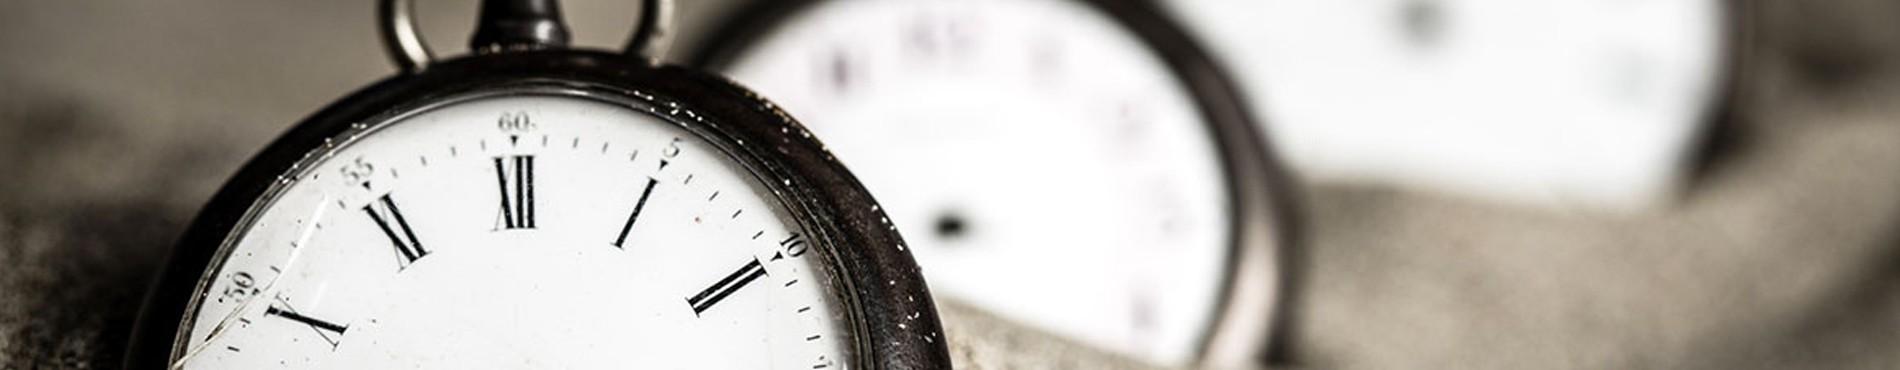 Horlogerie Publicitaire Personnalisée